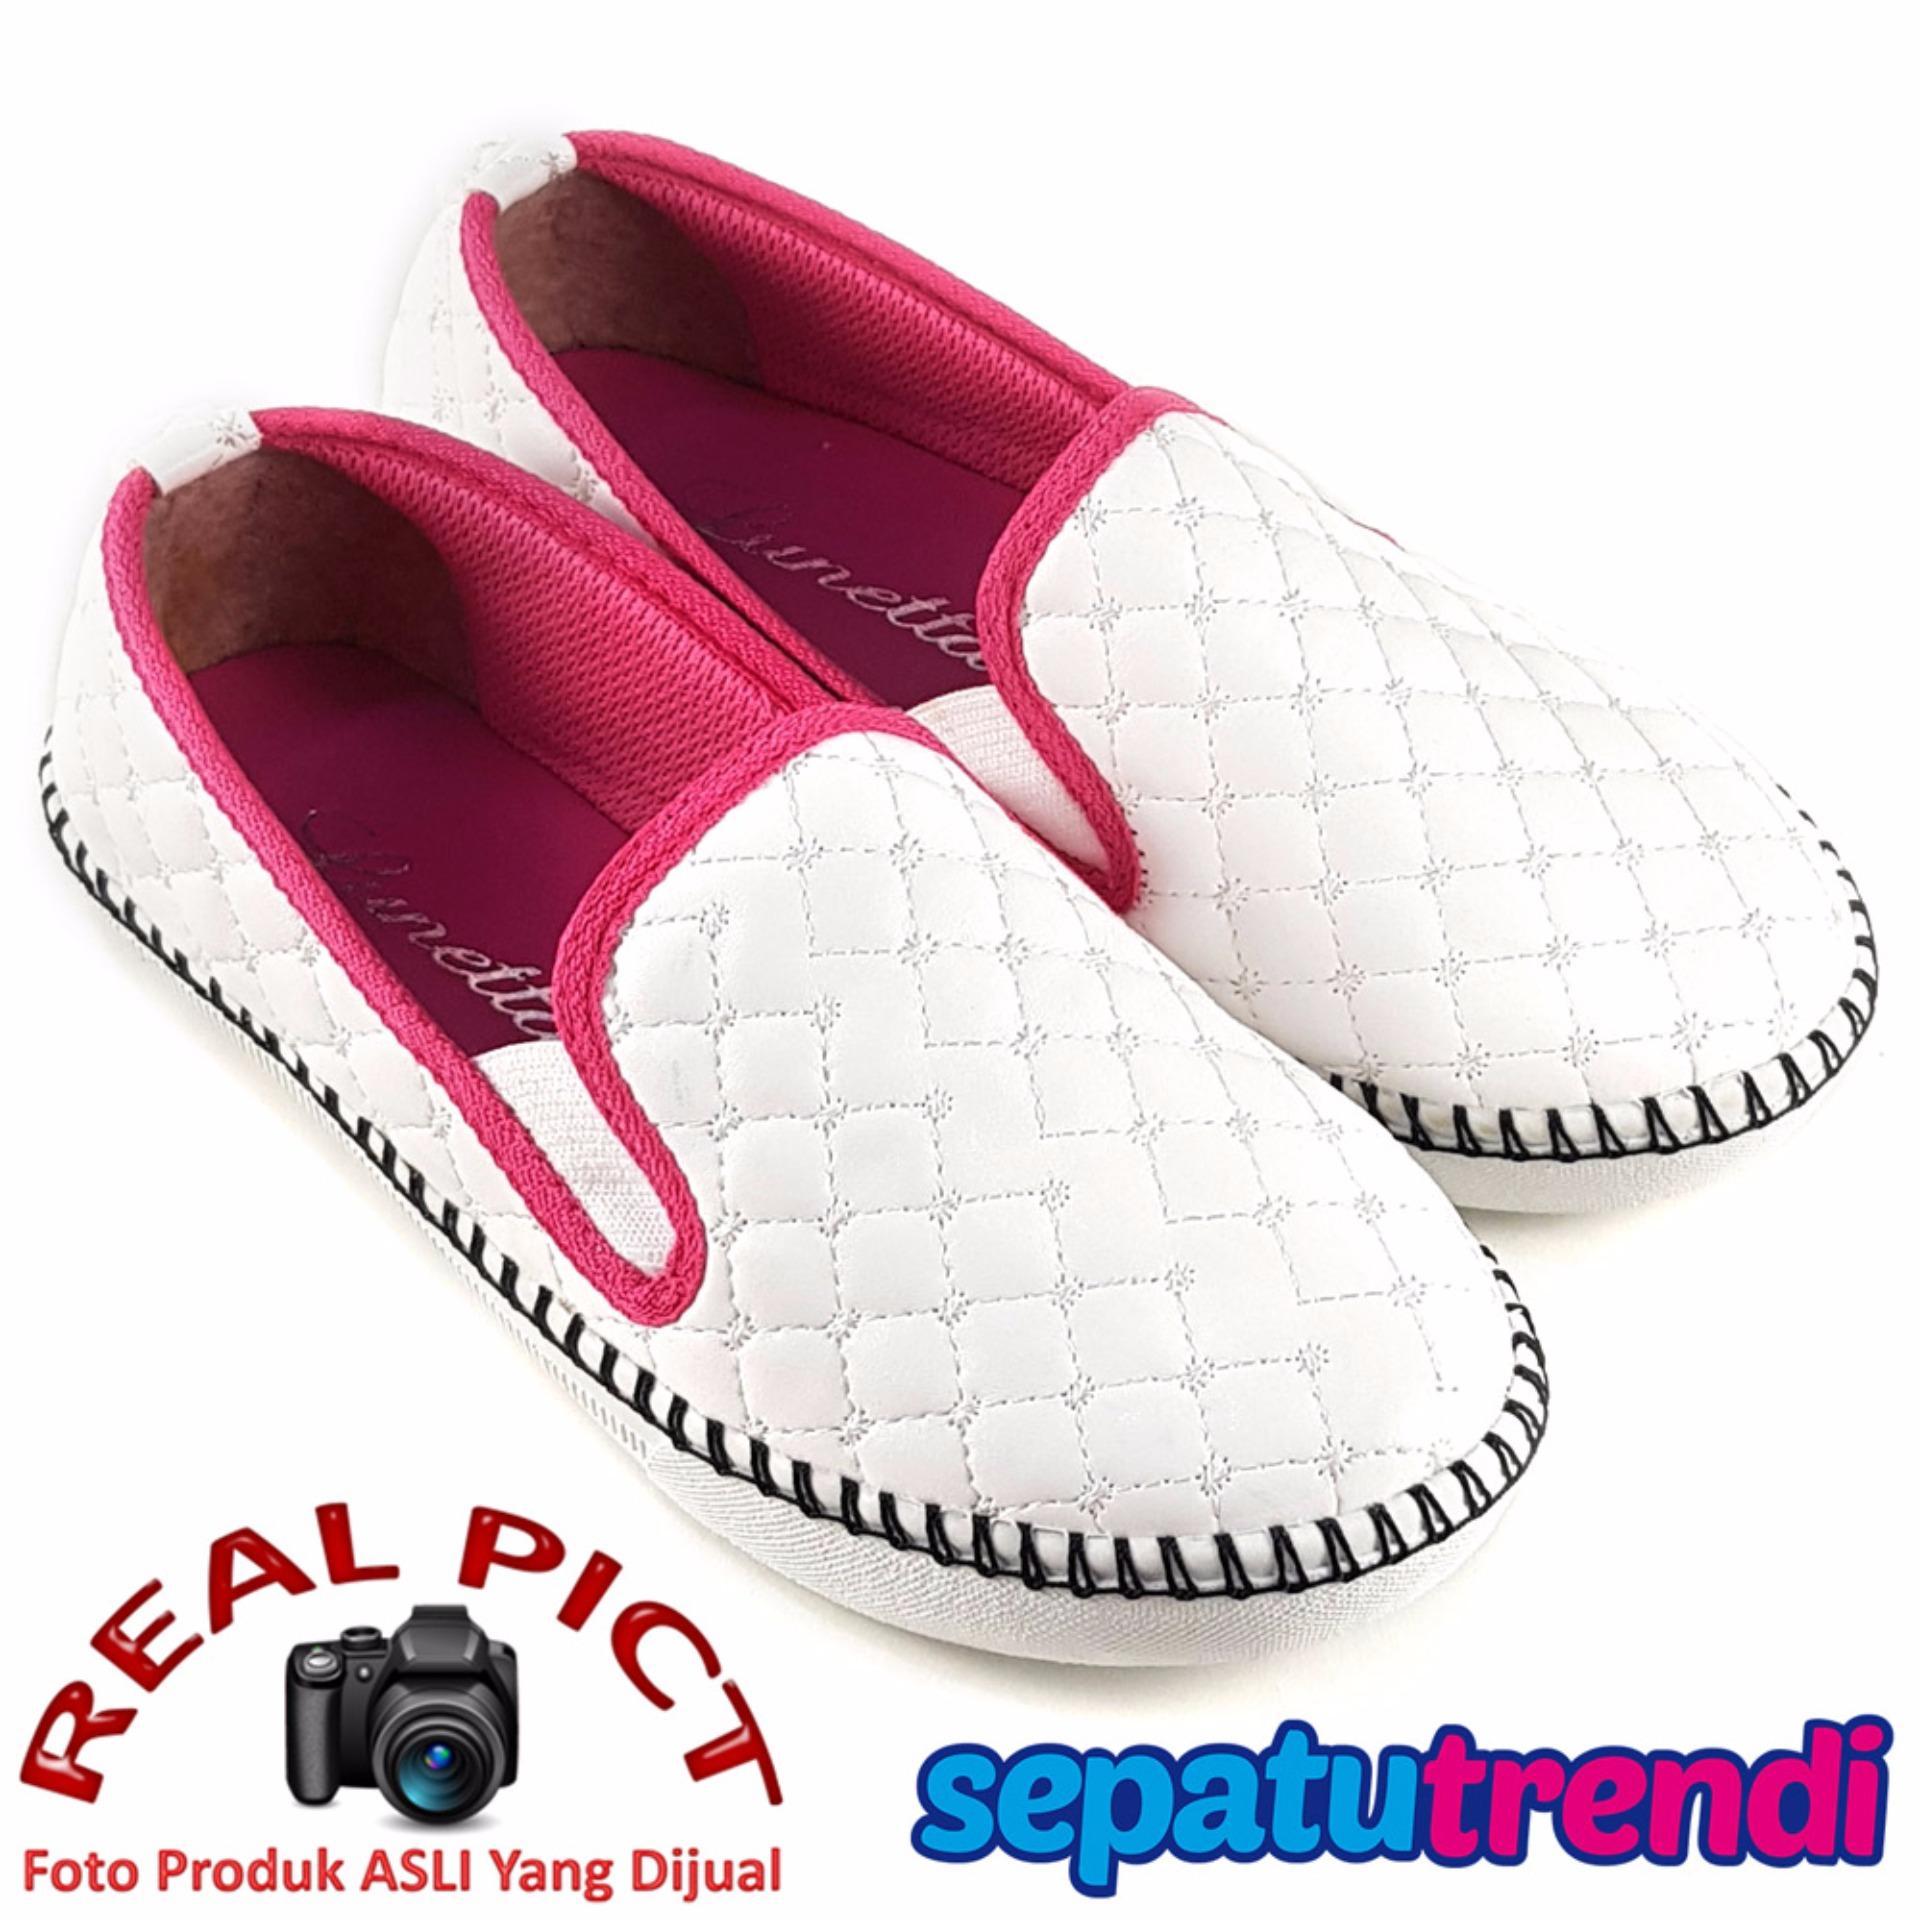 Toko Lunetta Sepatu Anak Perempuan Slip On Sol Rajut Rjag Putih Online Terpercaya